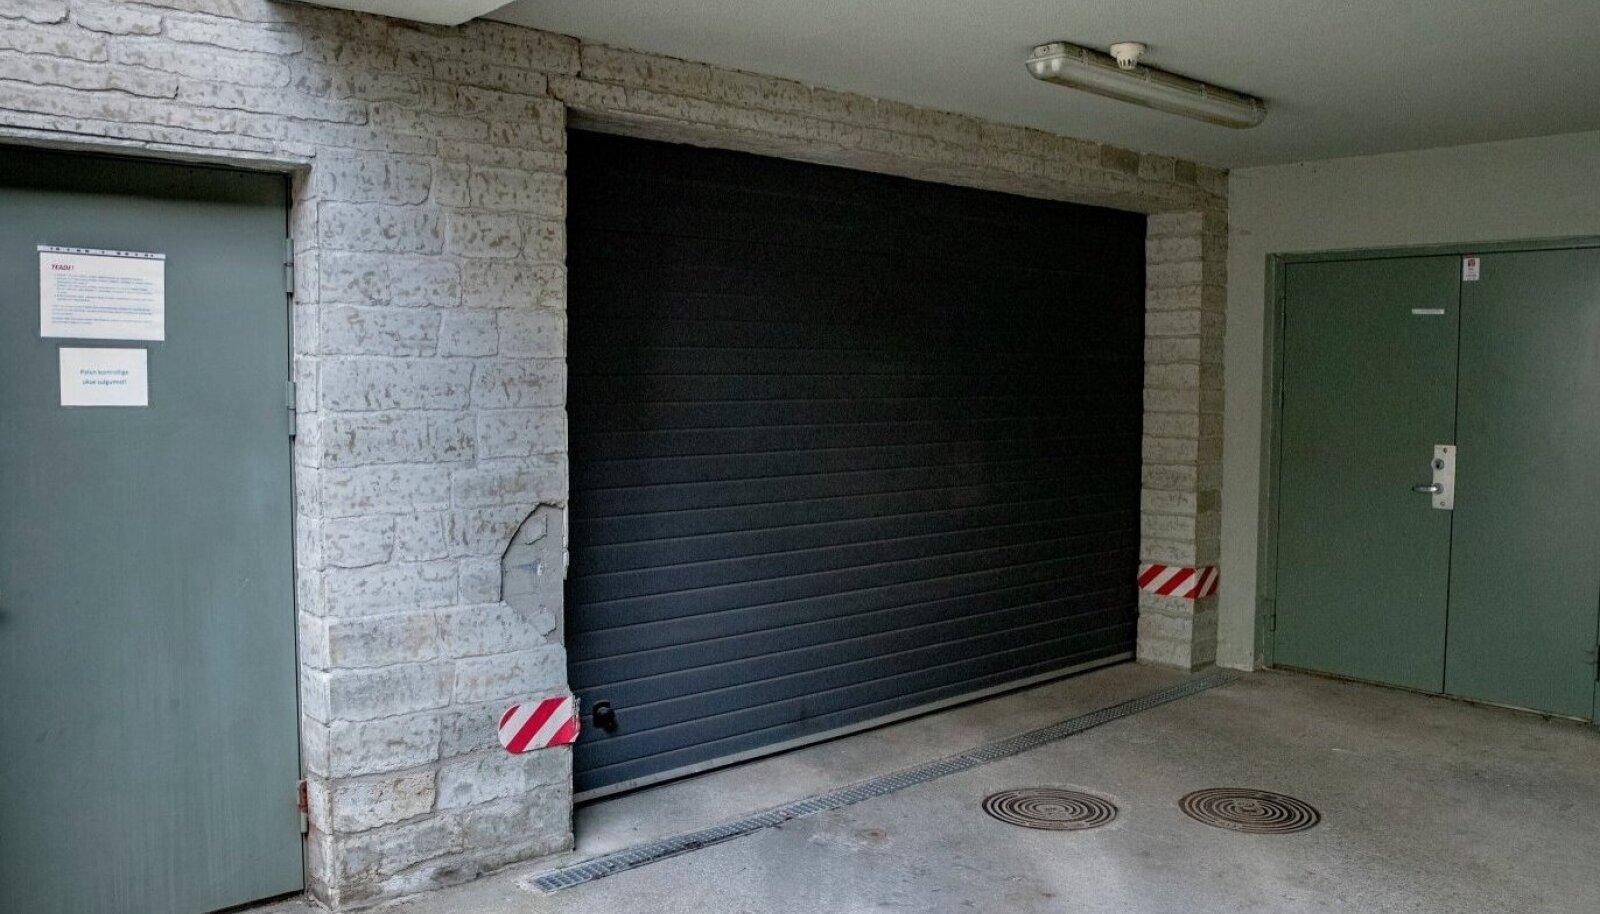 RIKKIS JA OHTLIK: Kadrioru korterelamu garaažiuks, mis võttis nelja-aastase poisi elu.